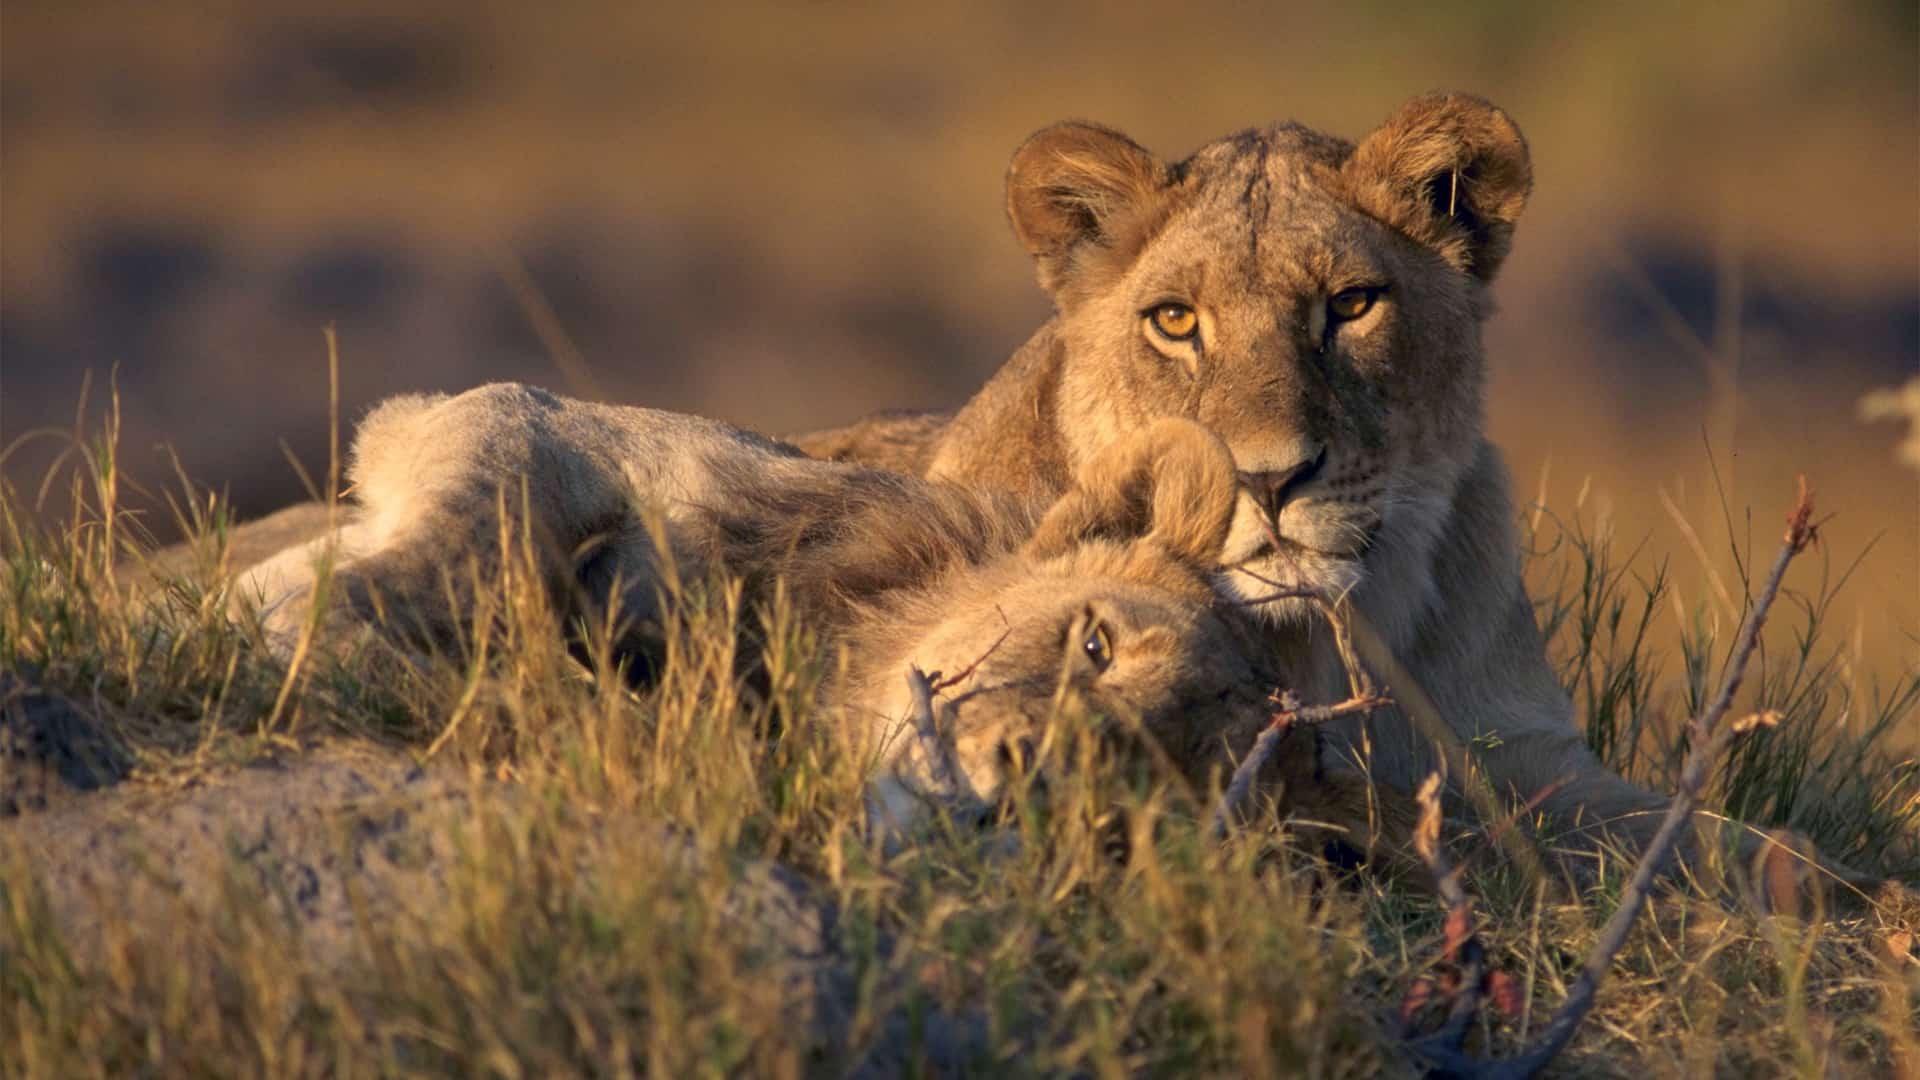 Pair of lions safari Africa